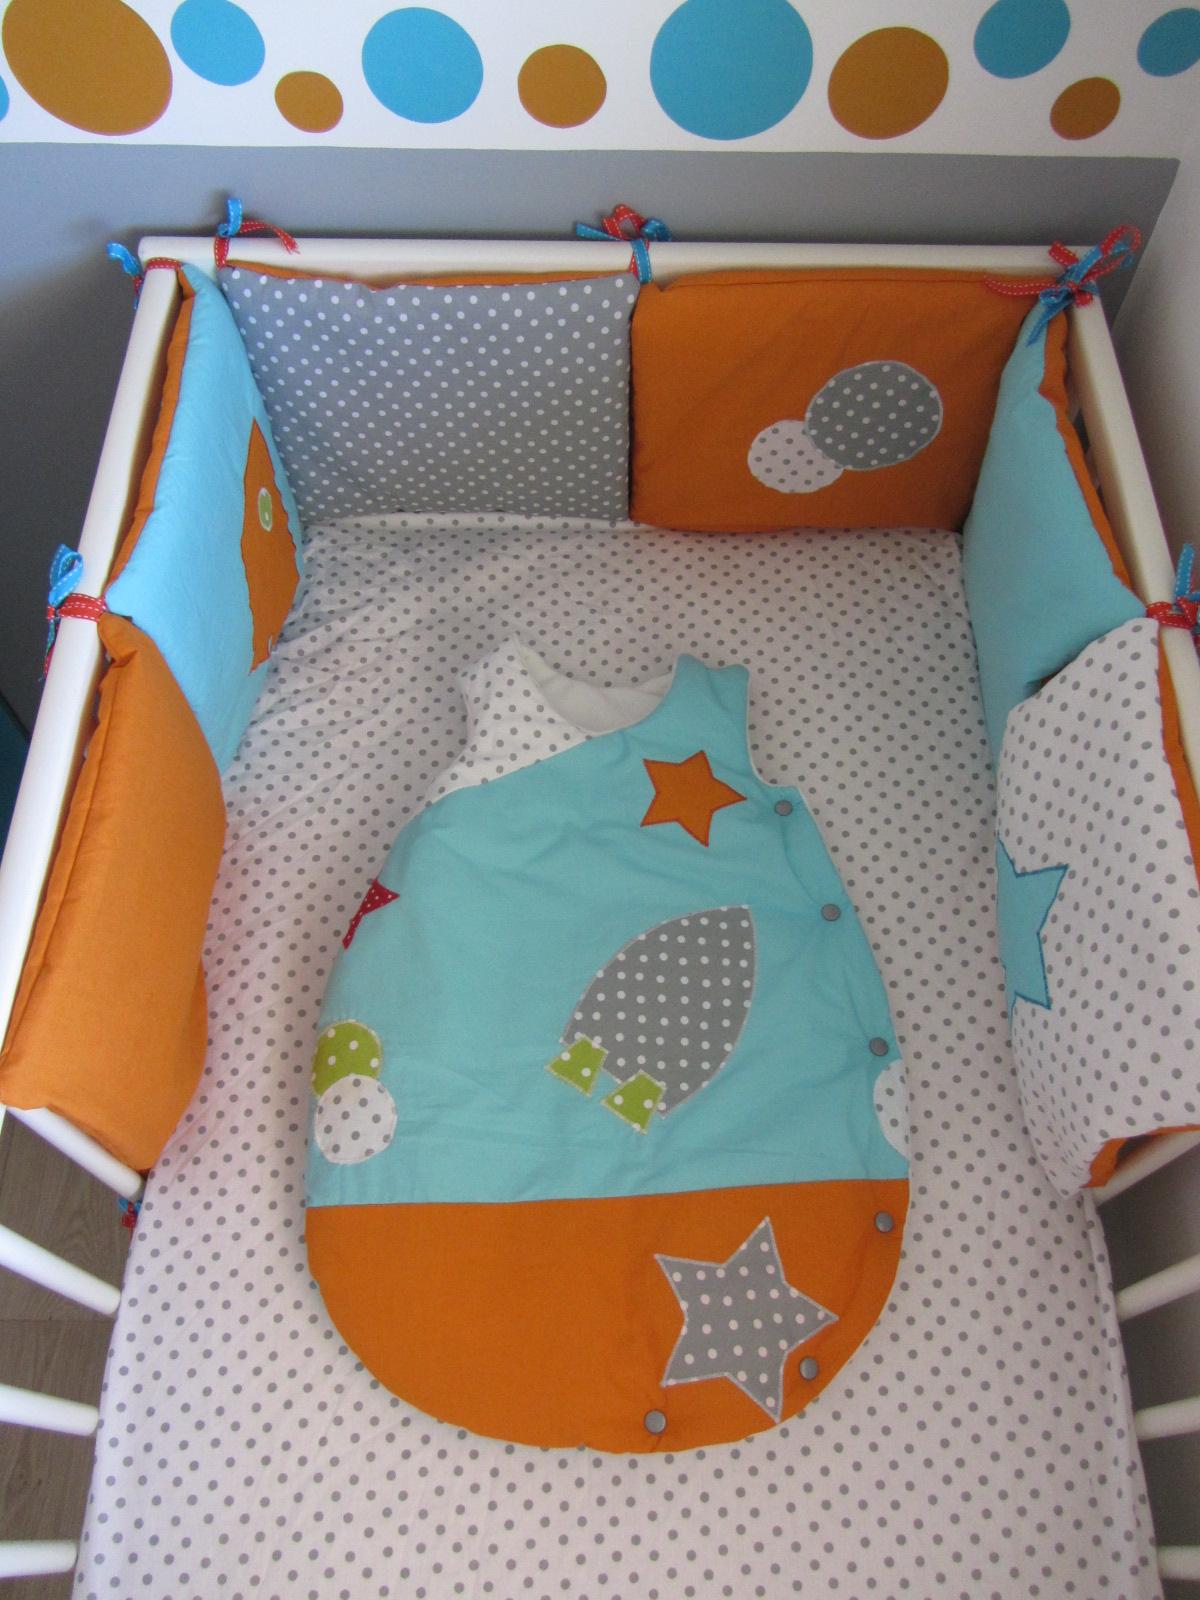 la chambre orange et bleu de mon kipouss - Chambre de bébé - FORUM ...